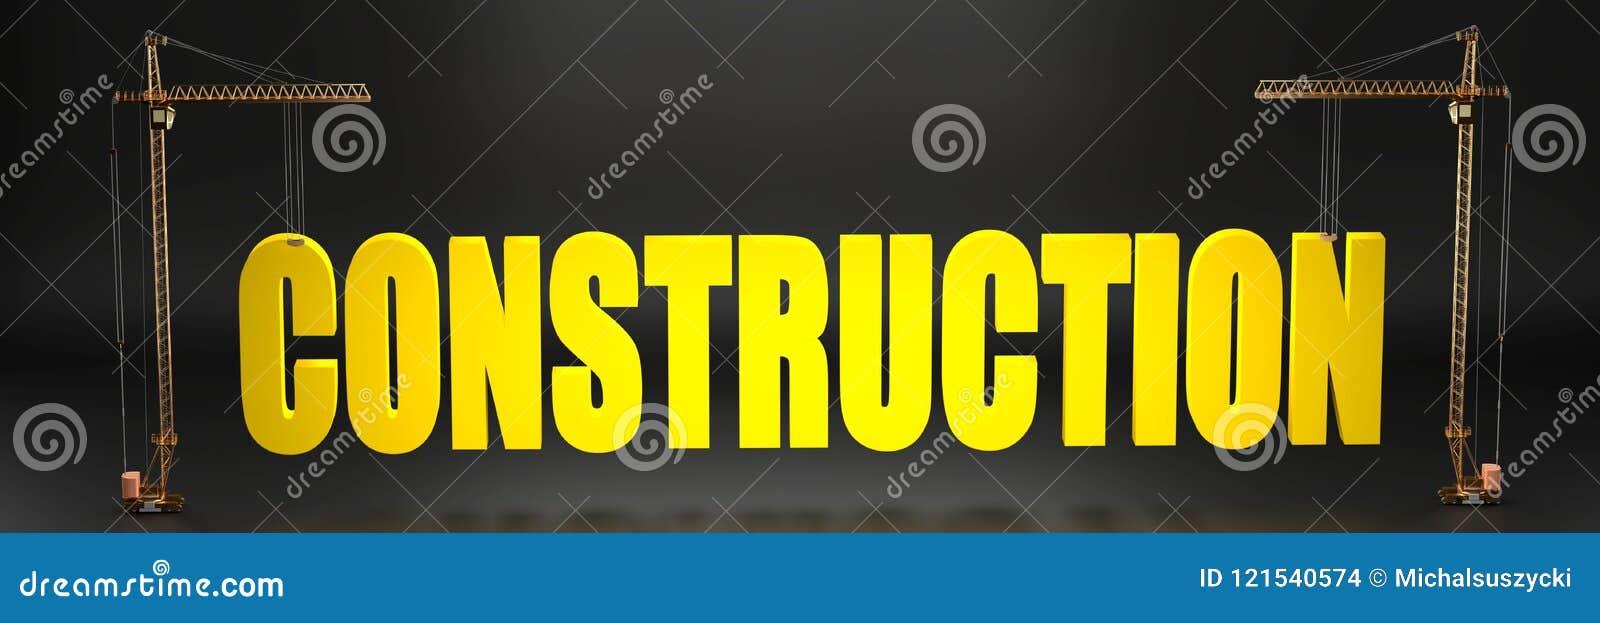 Emplazamiento de la obra simbolizado como grúas que llevan a cabo un logotipo grande de la construcción